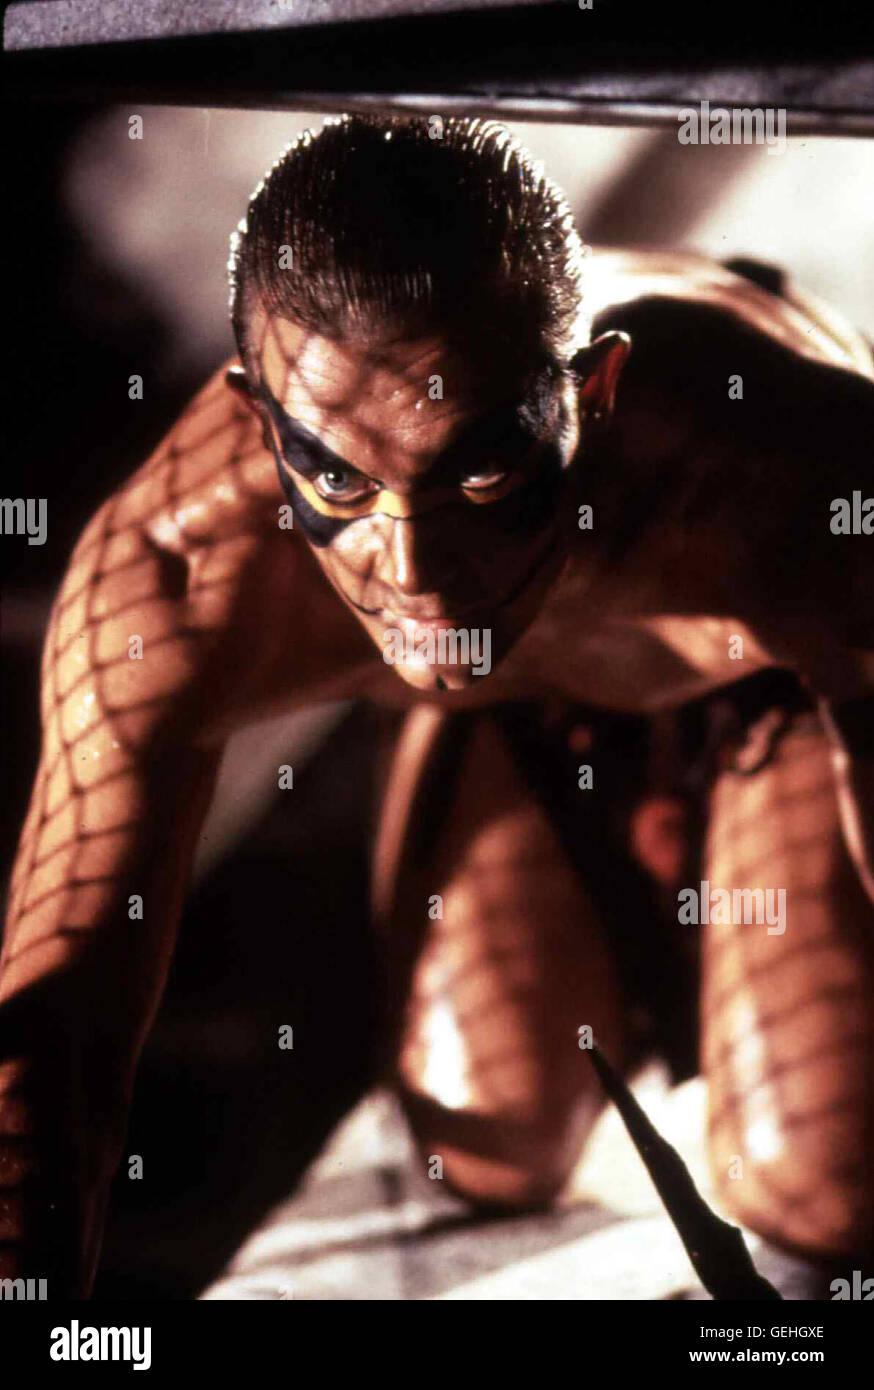 Robert Patrick Als Chase (Robert Patrick) den Indianerstamm von Killern ausrotten laesst, wird er von dem Haeuptling - Stock Image